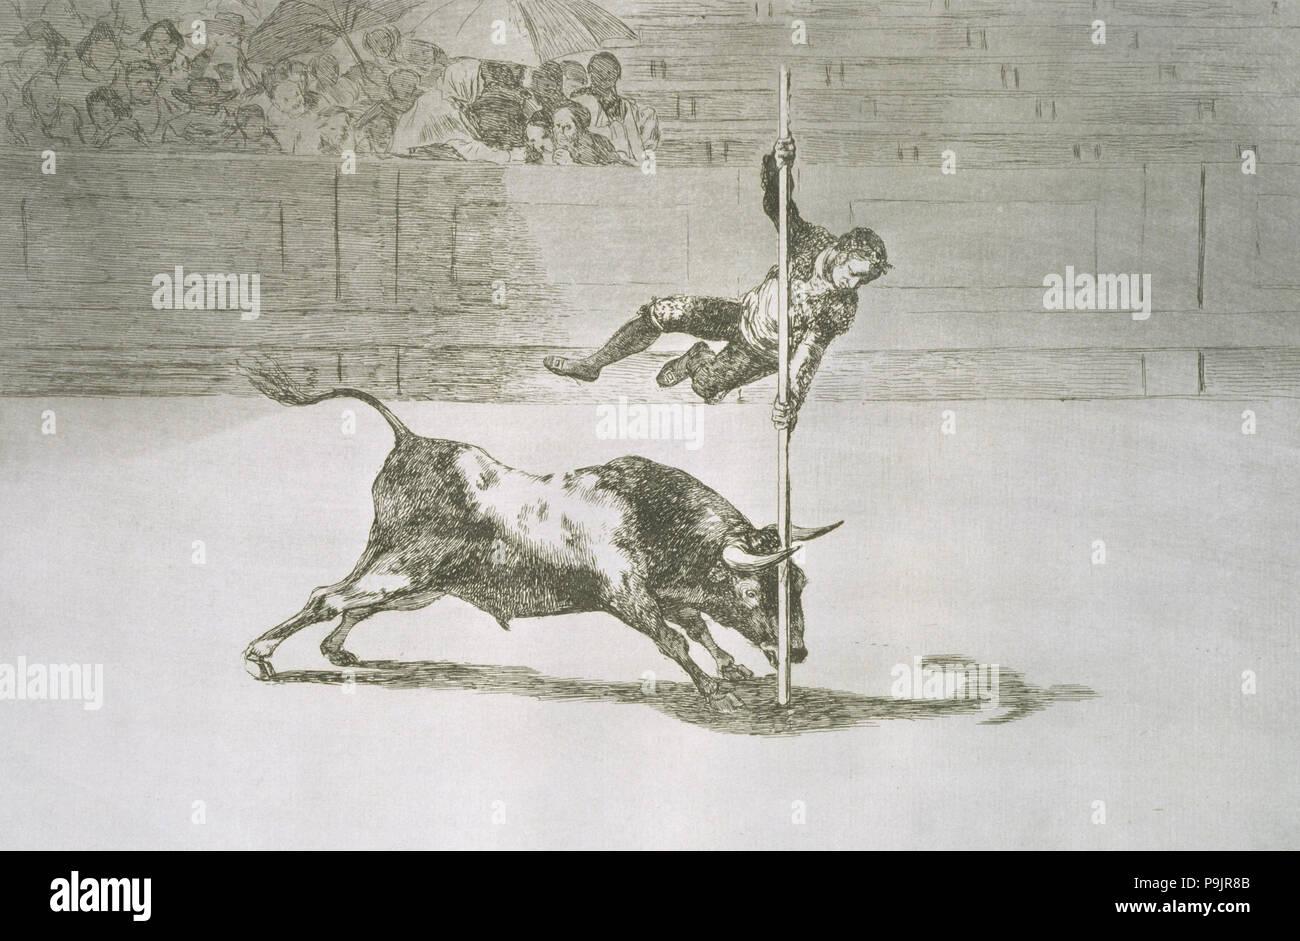 d0f72c61d4 ... la serie de grabados de Francisco de Goya, la placa 20: